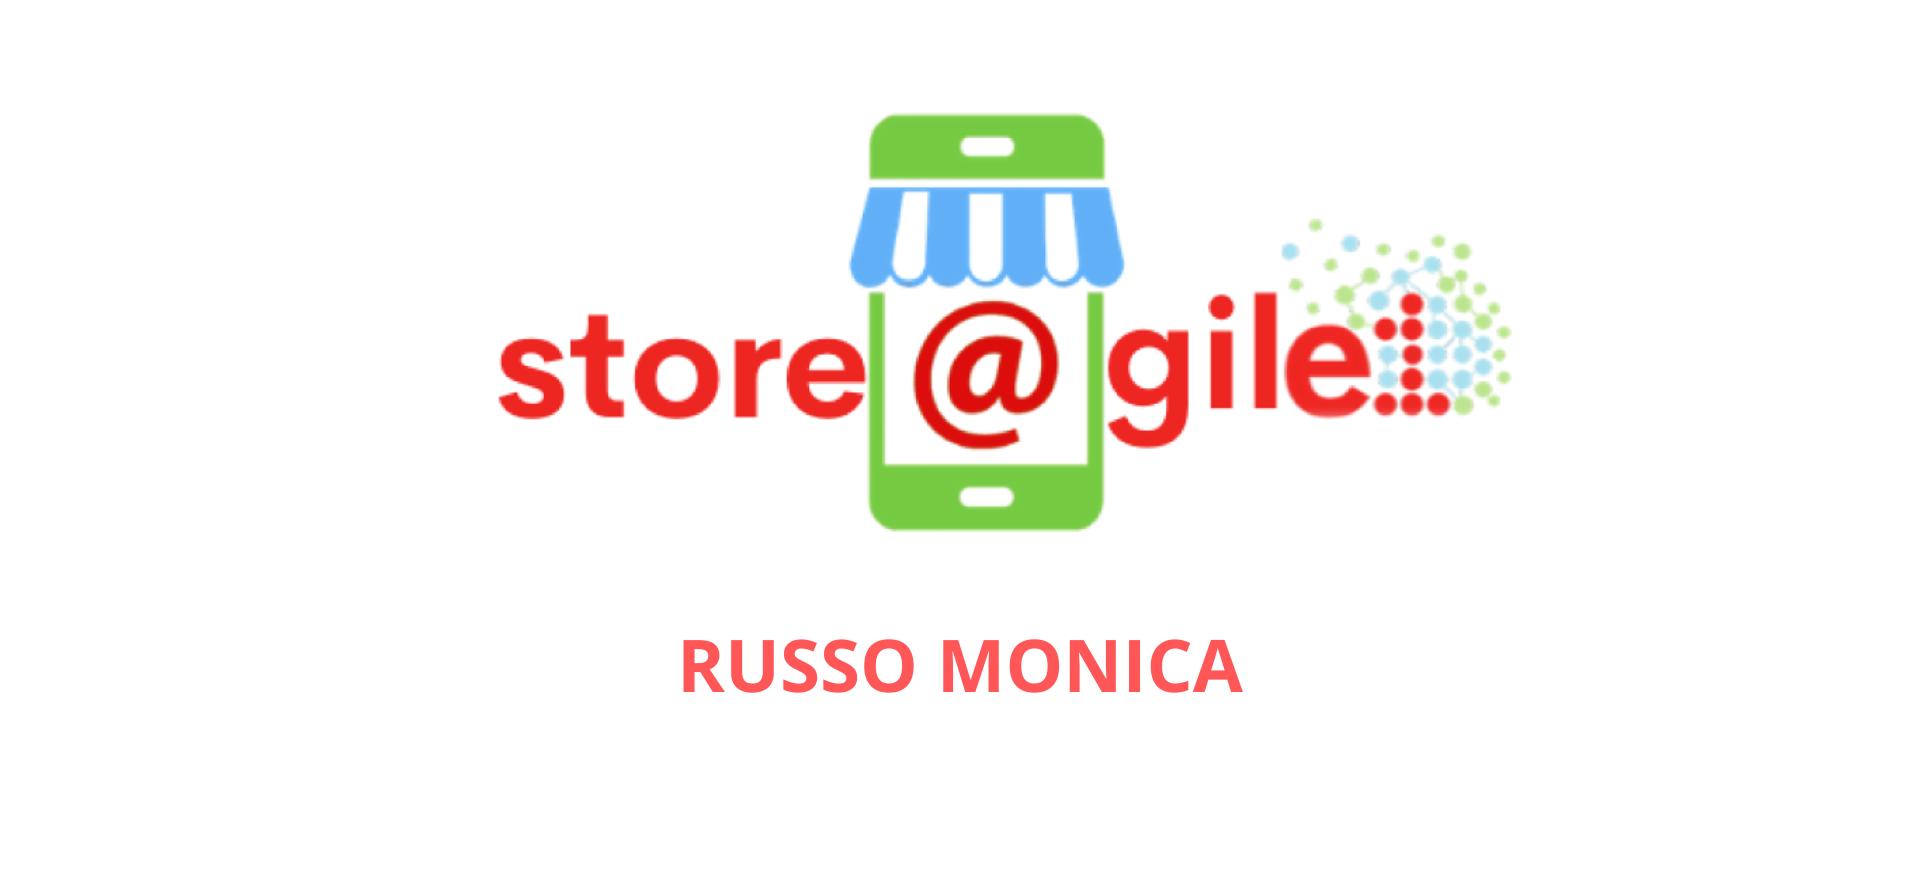 Russo Monica